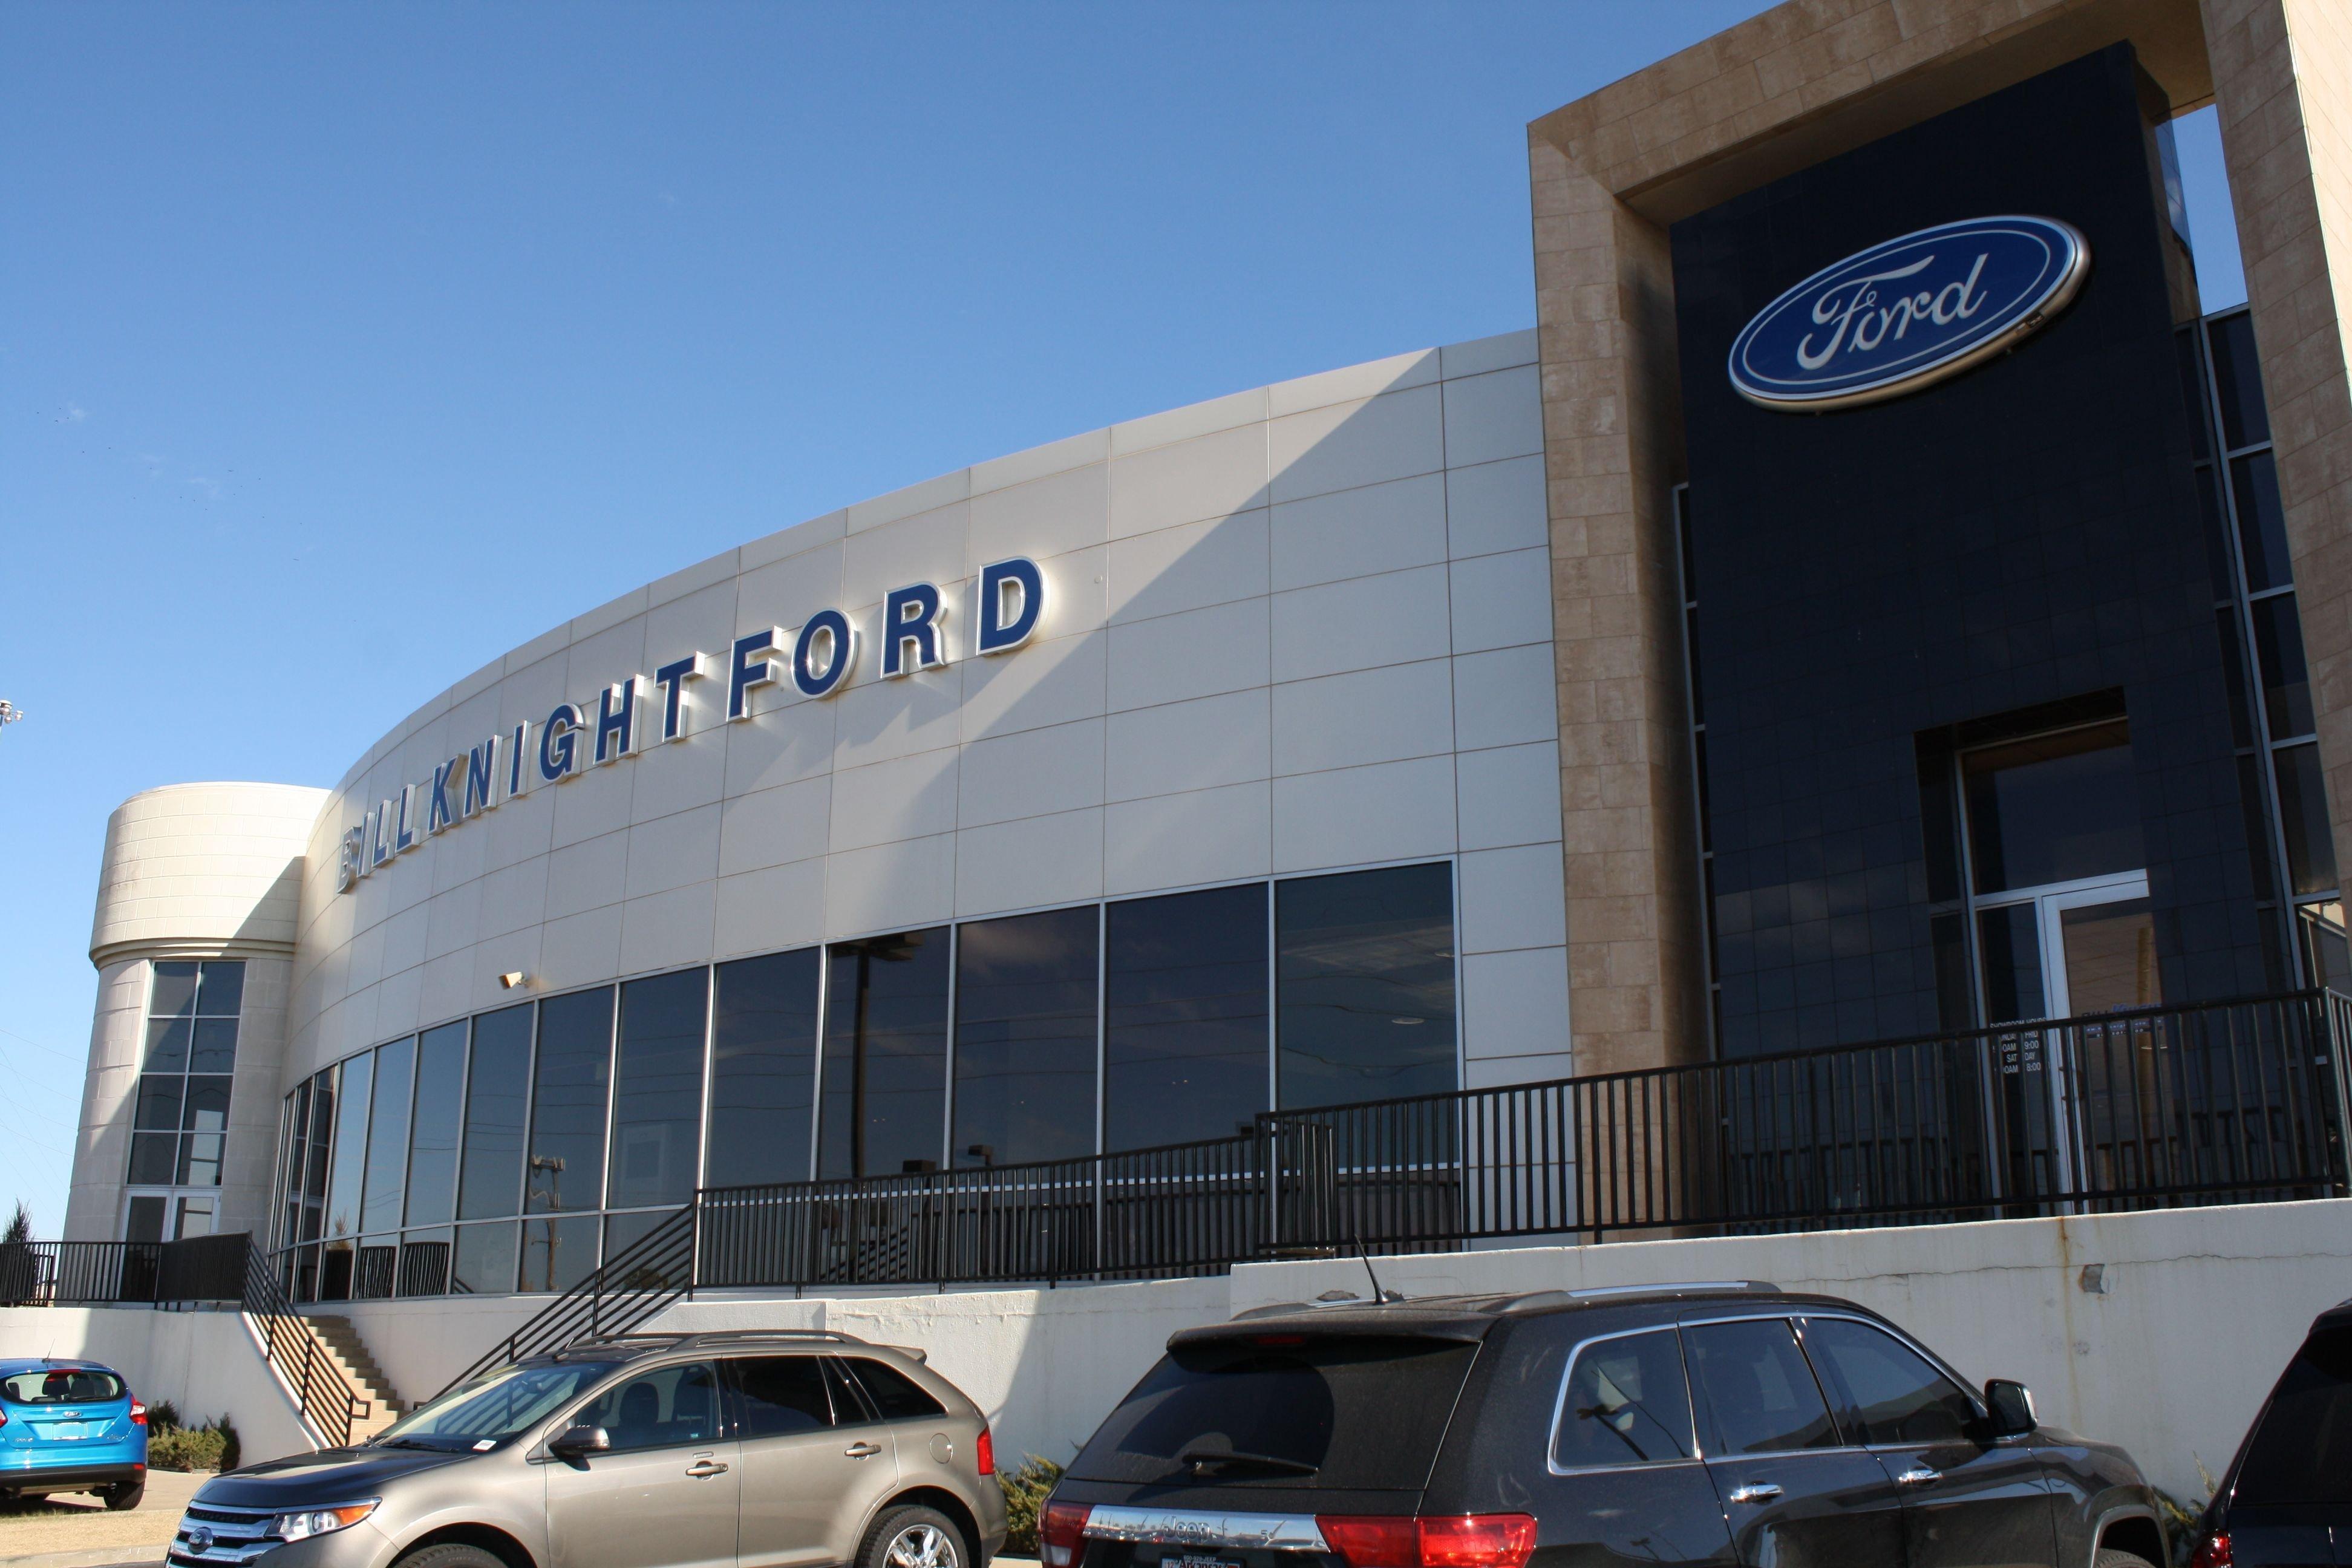 Bill Knight Ford in Oklahoma